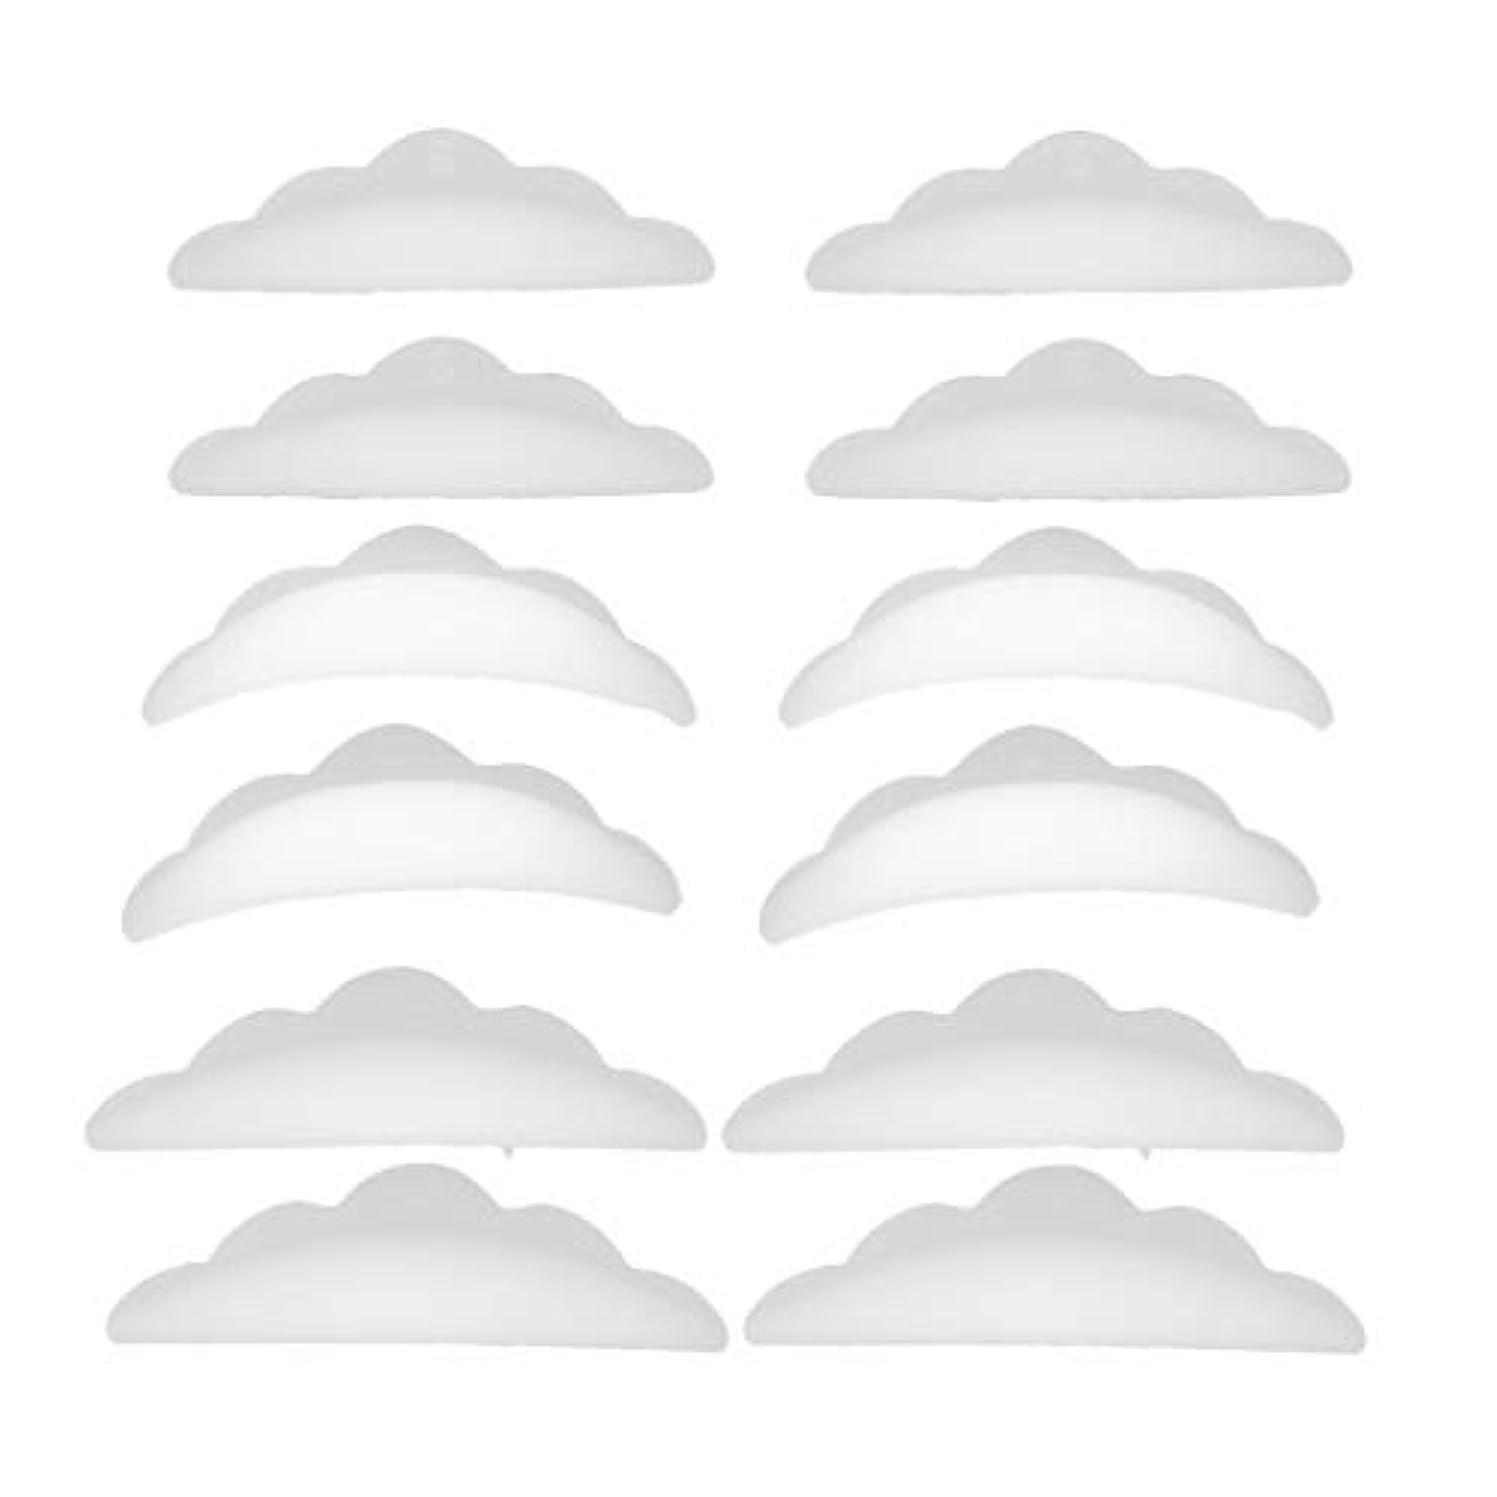 征服おもてなしドラフトまつげパーマ シリコンパッド まつげパッド メイクアップアーティスト アクセサリー 約12本入り